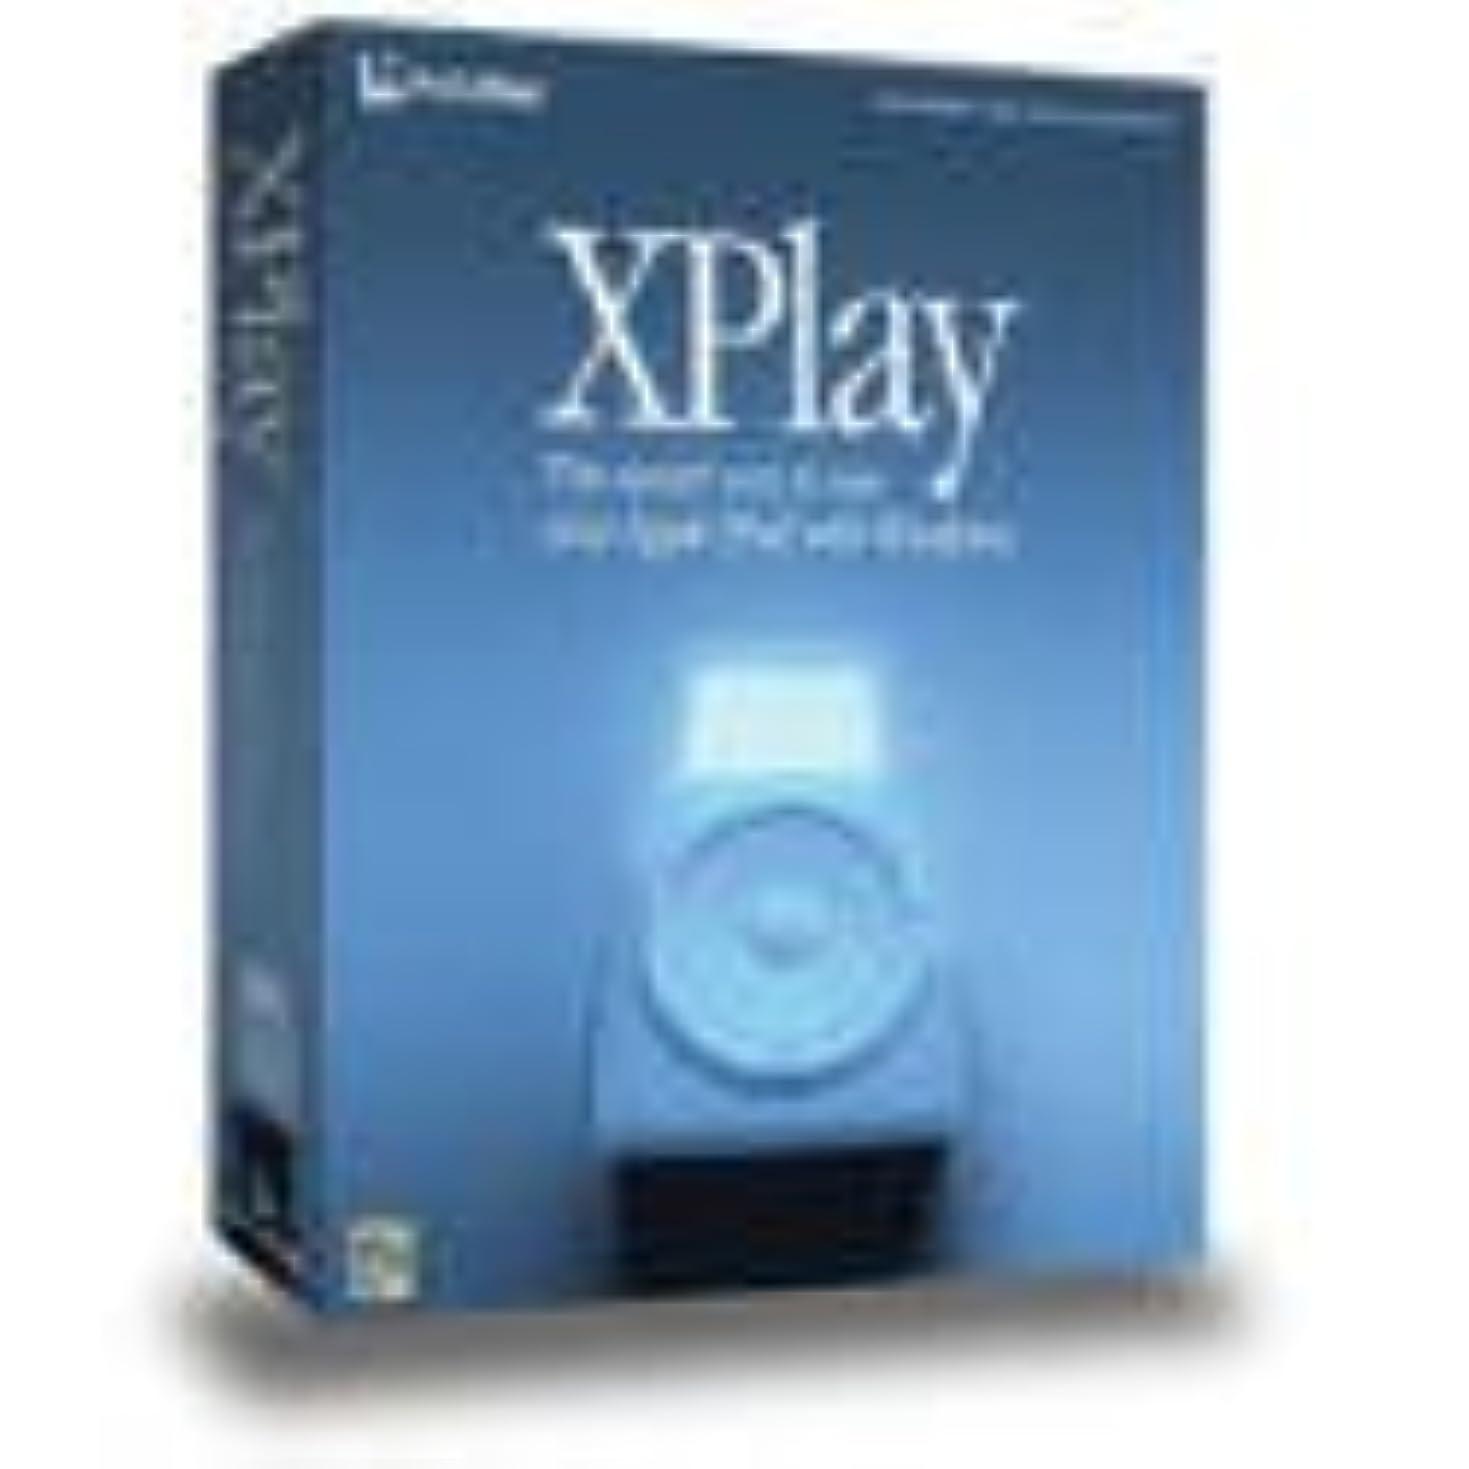 XPlay 日本語版